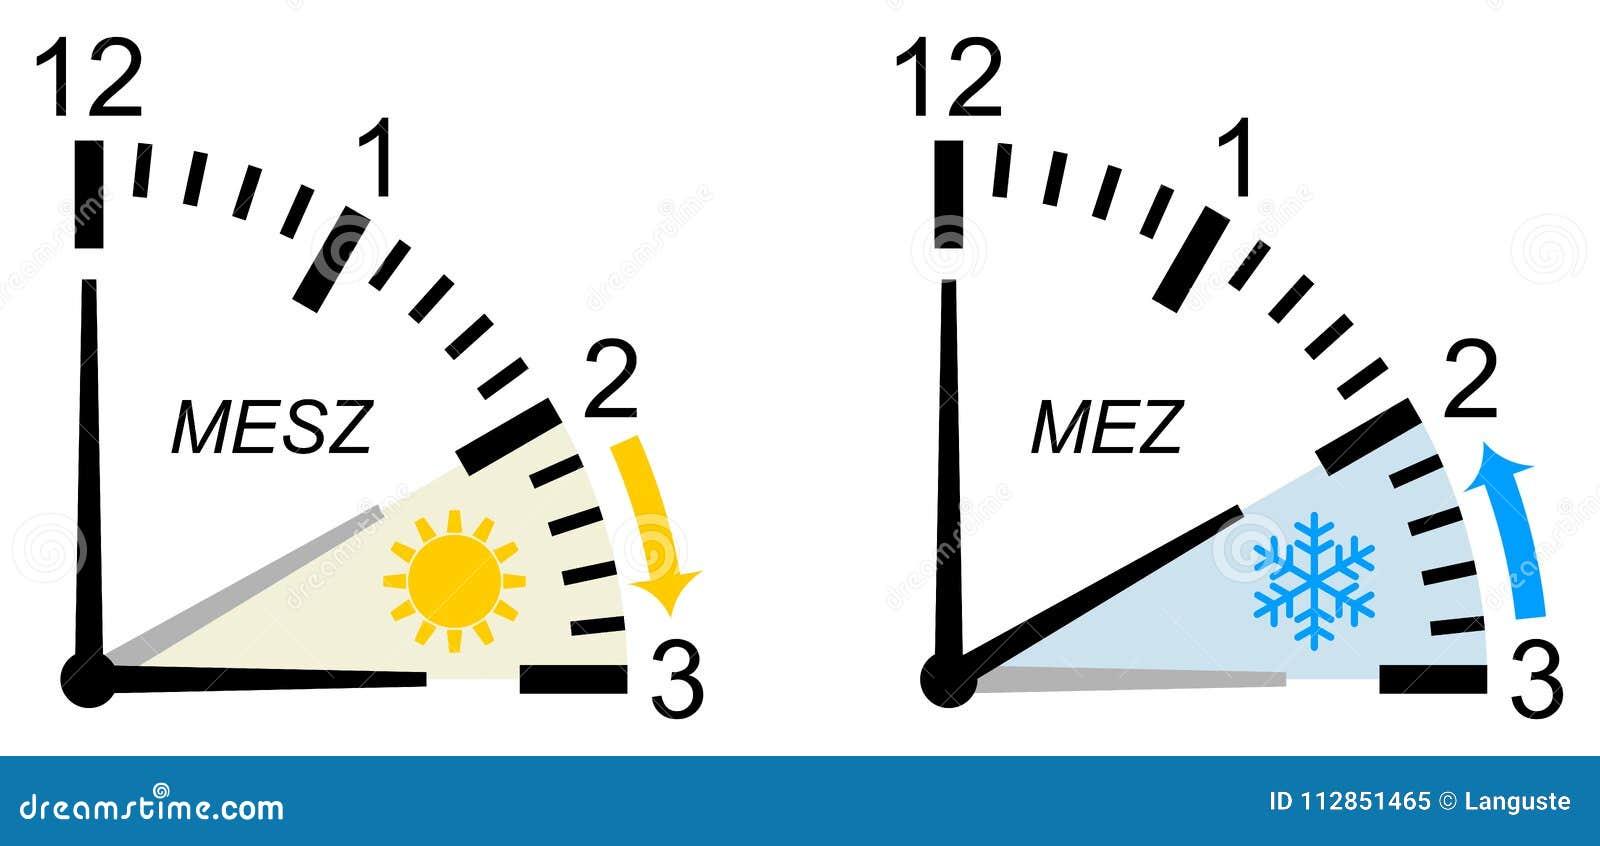 Zeitumstellung Deutschland 2021